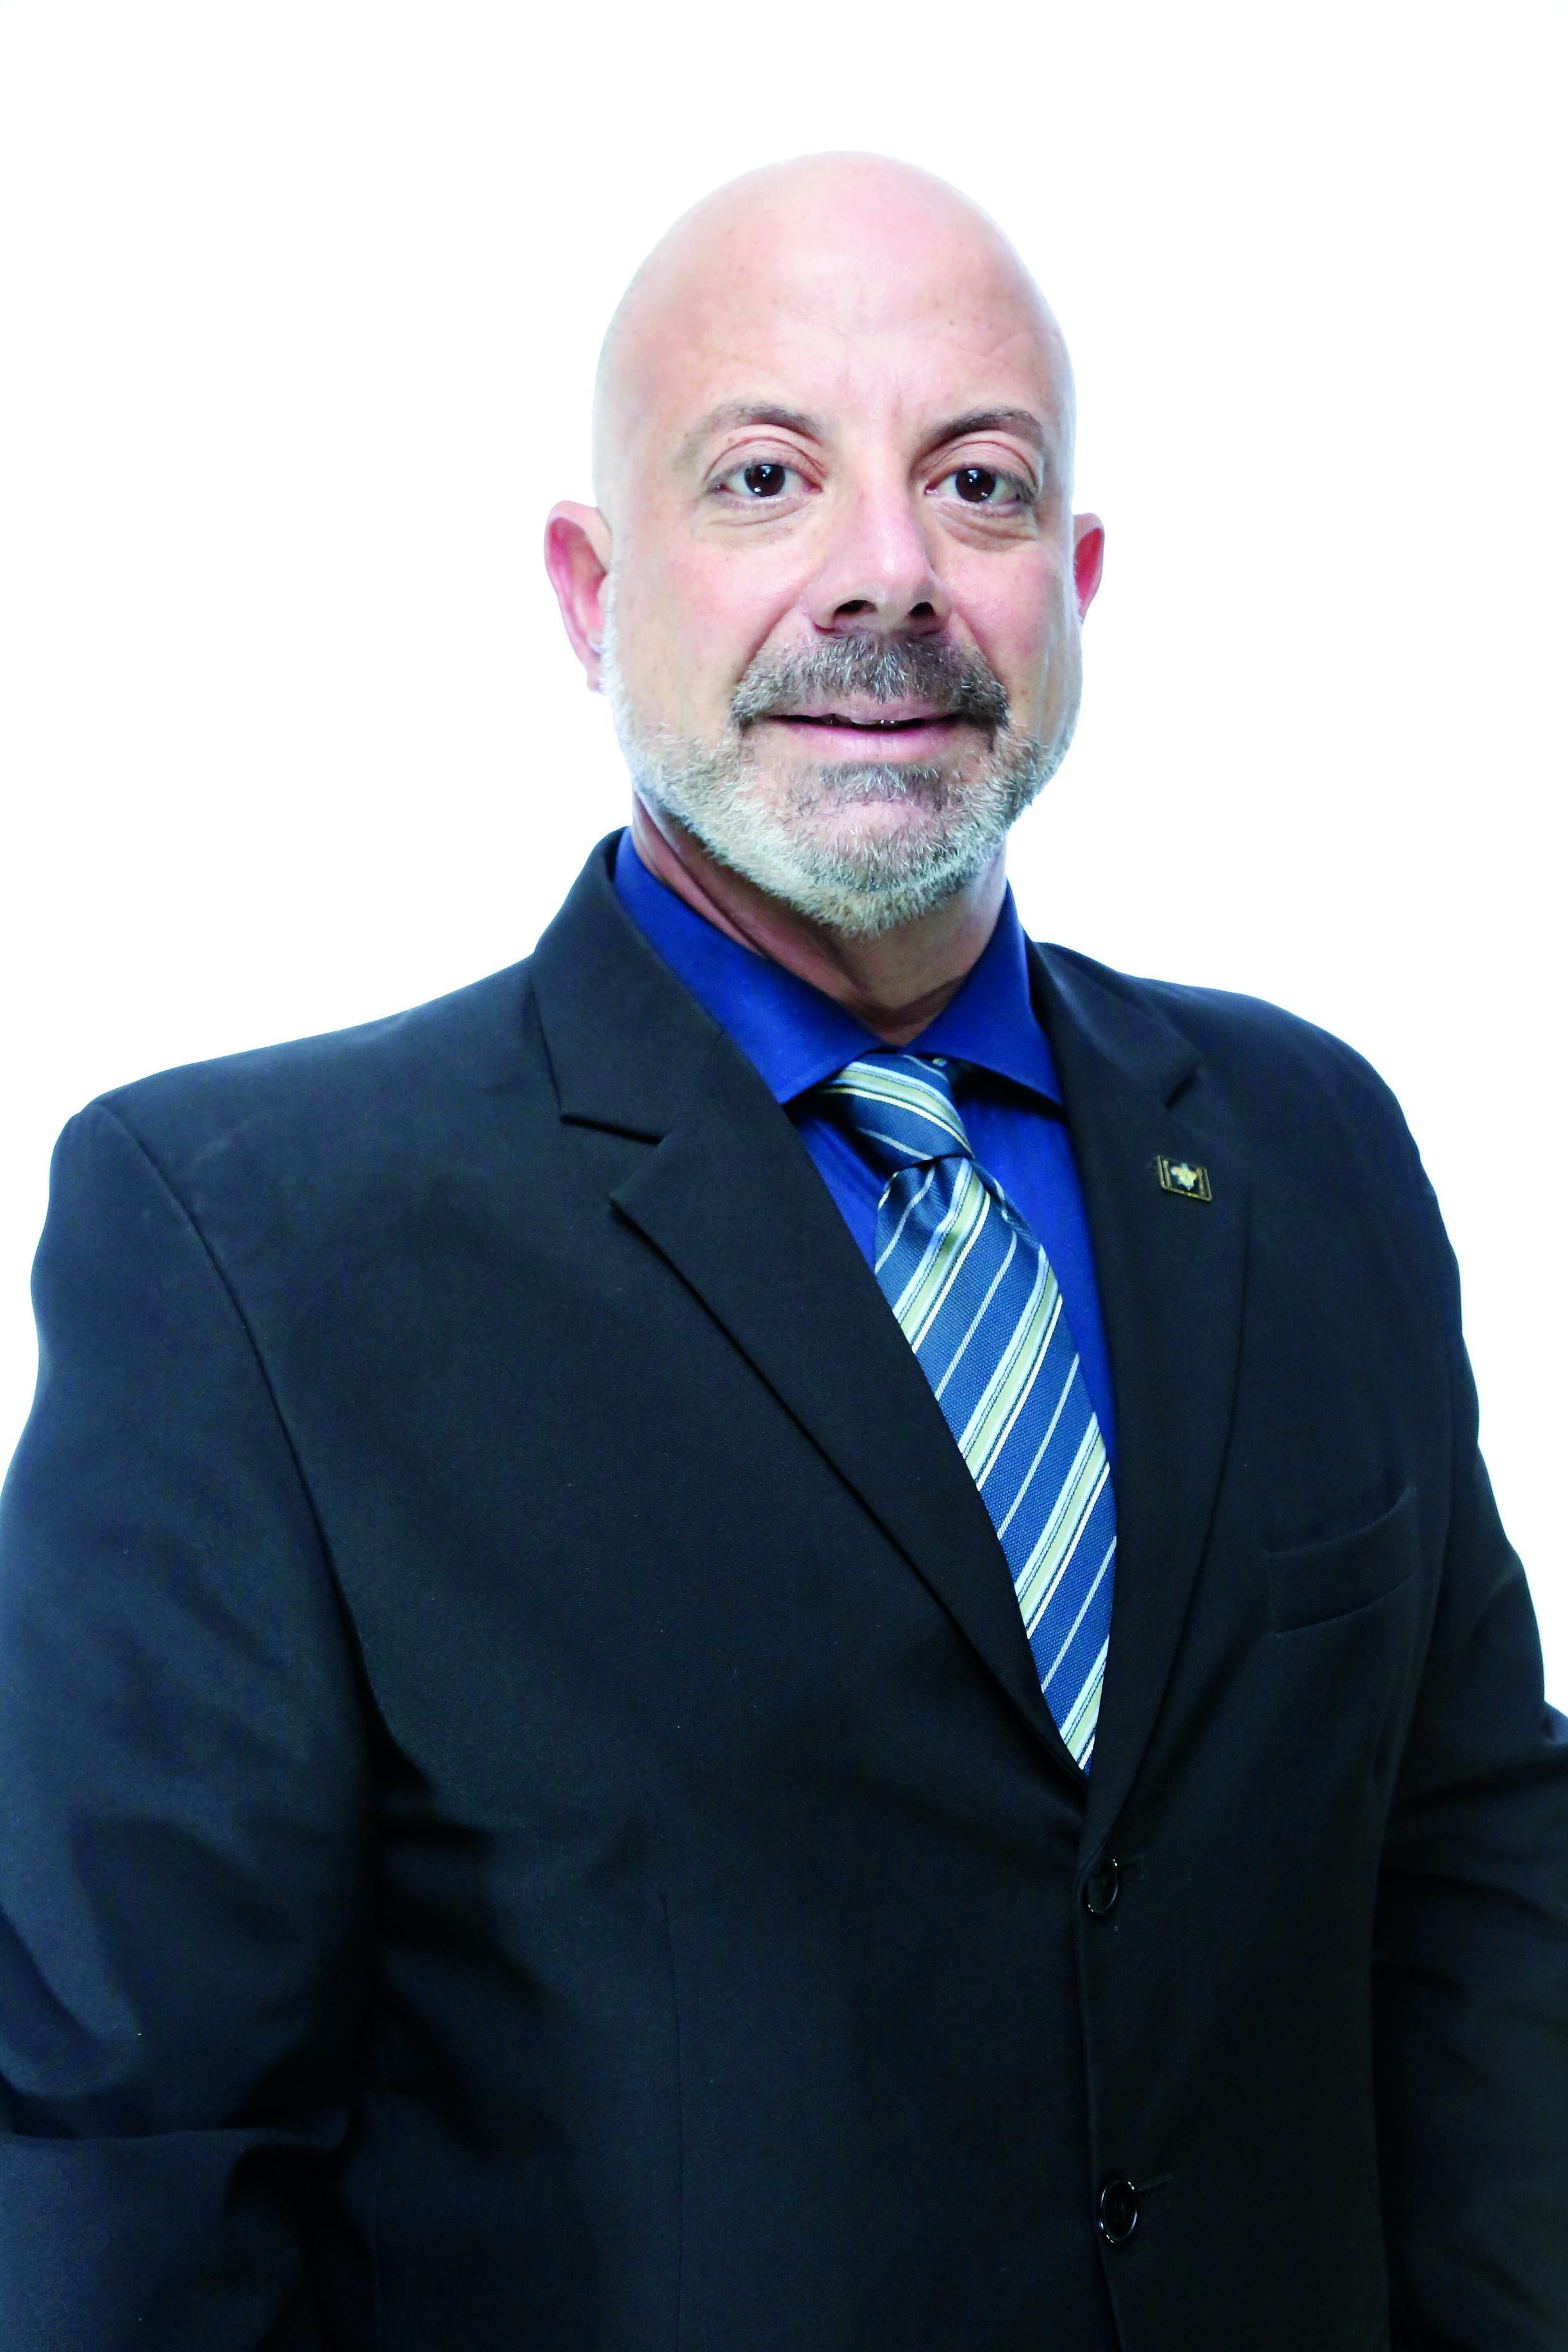 Dr. Caralambos Constantino Sotiropoulos